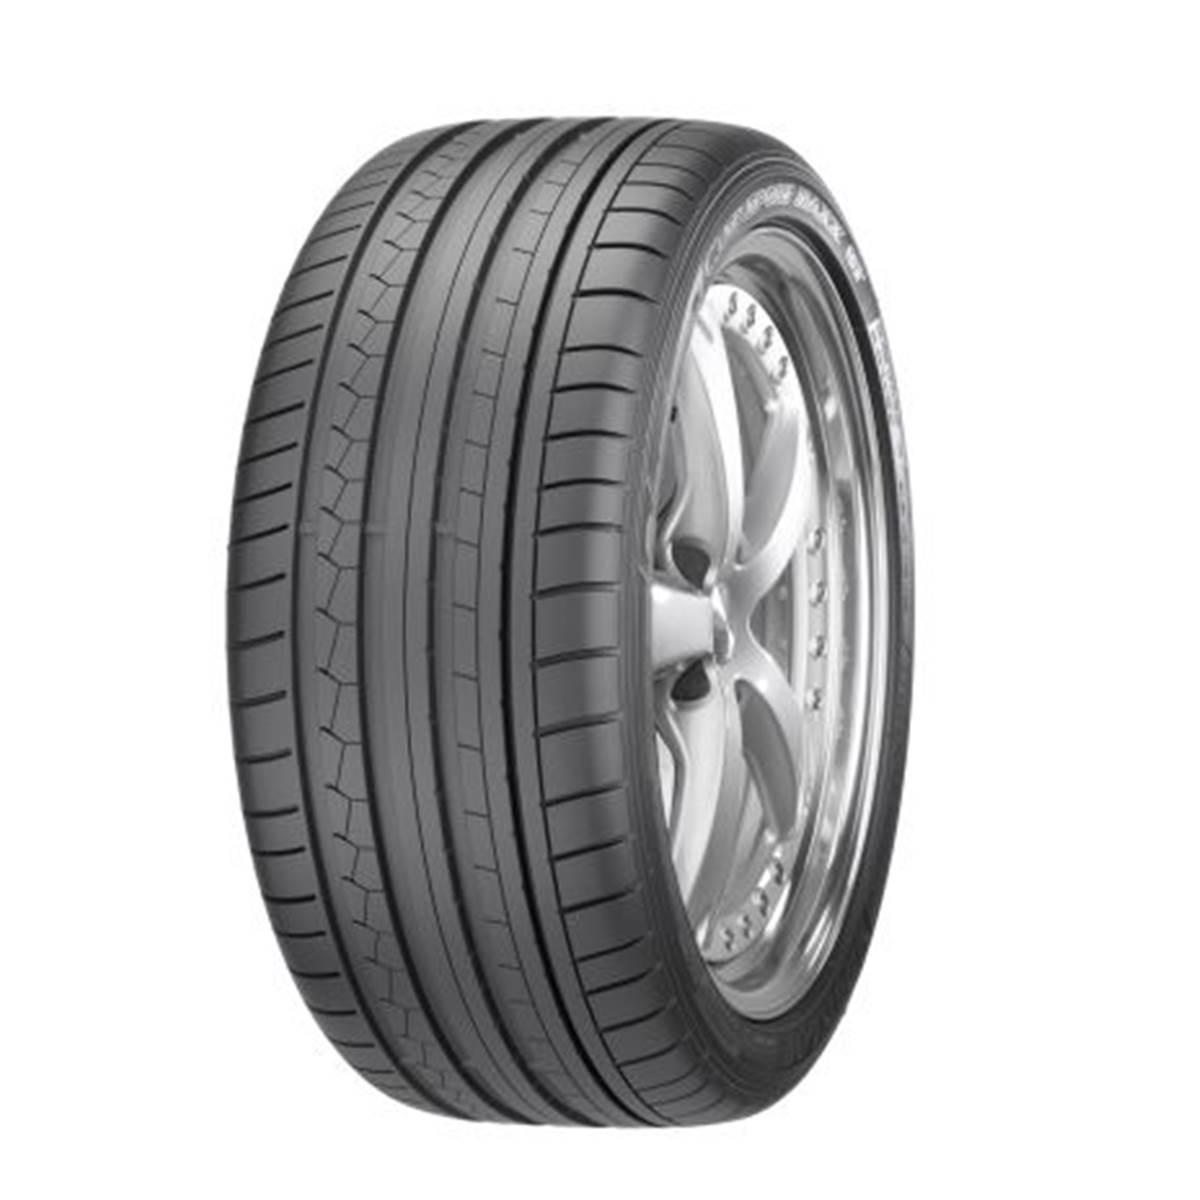 Pneu Runflat Dunlop 255/40R18 95Y Sp Sport Maxx Gt